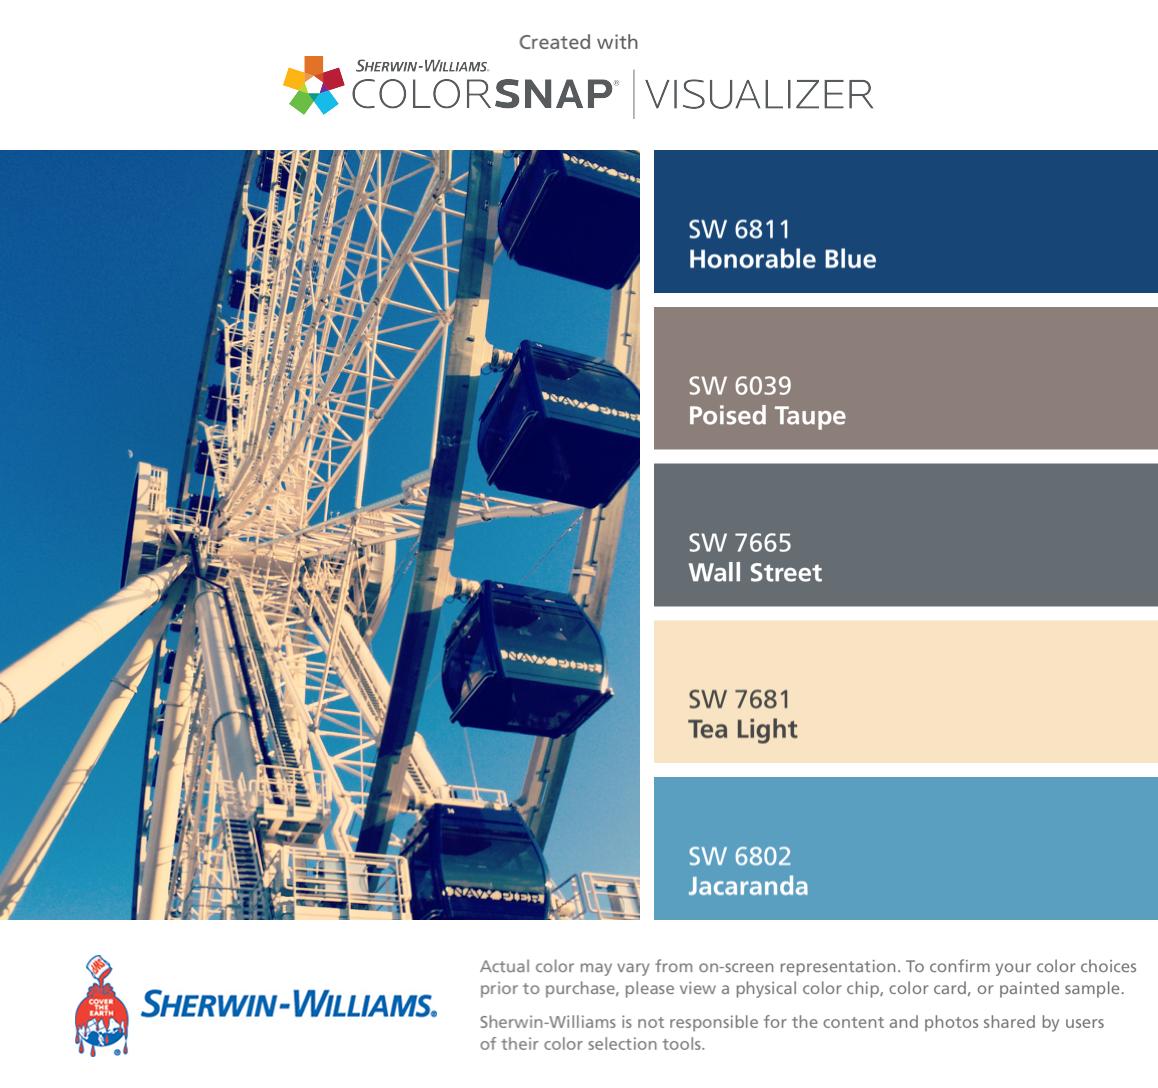 Paint Color Matching App Colorsnap Paint Color App Sherwin Williams Poised Taupe Matching Paint Colors Paint Color App [ 1088 x 1158 Pixel ]